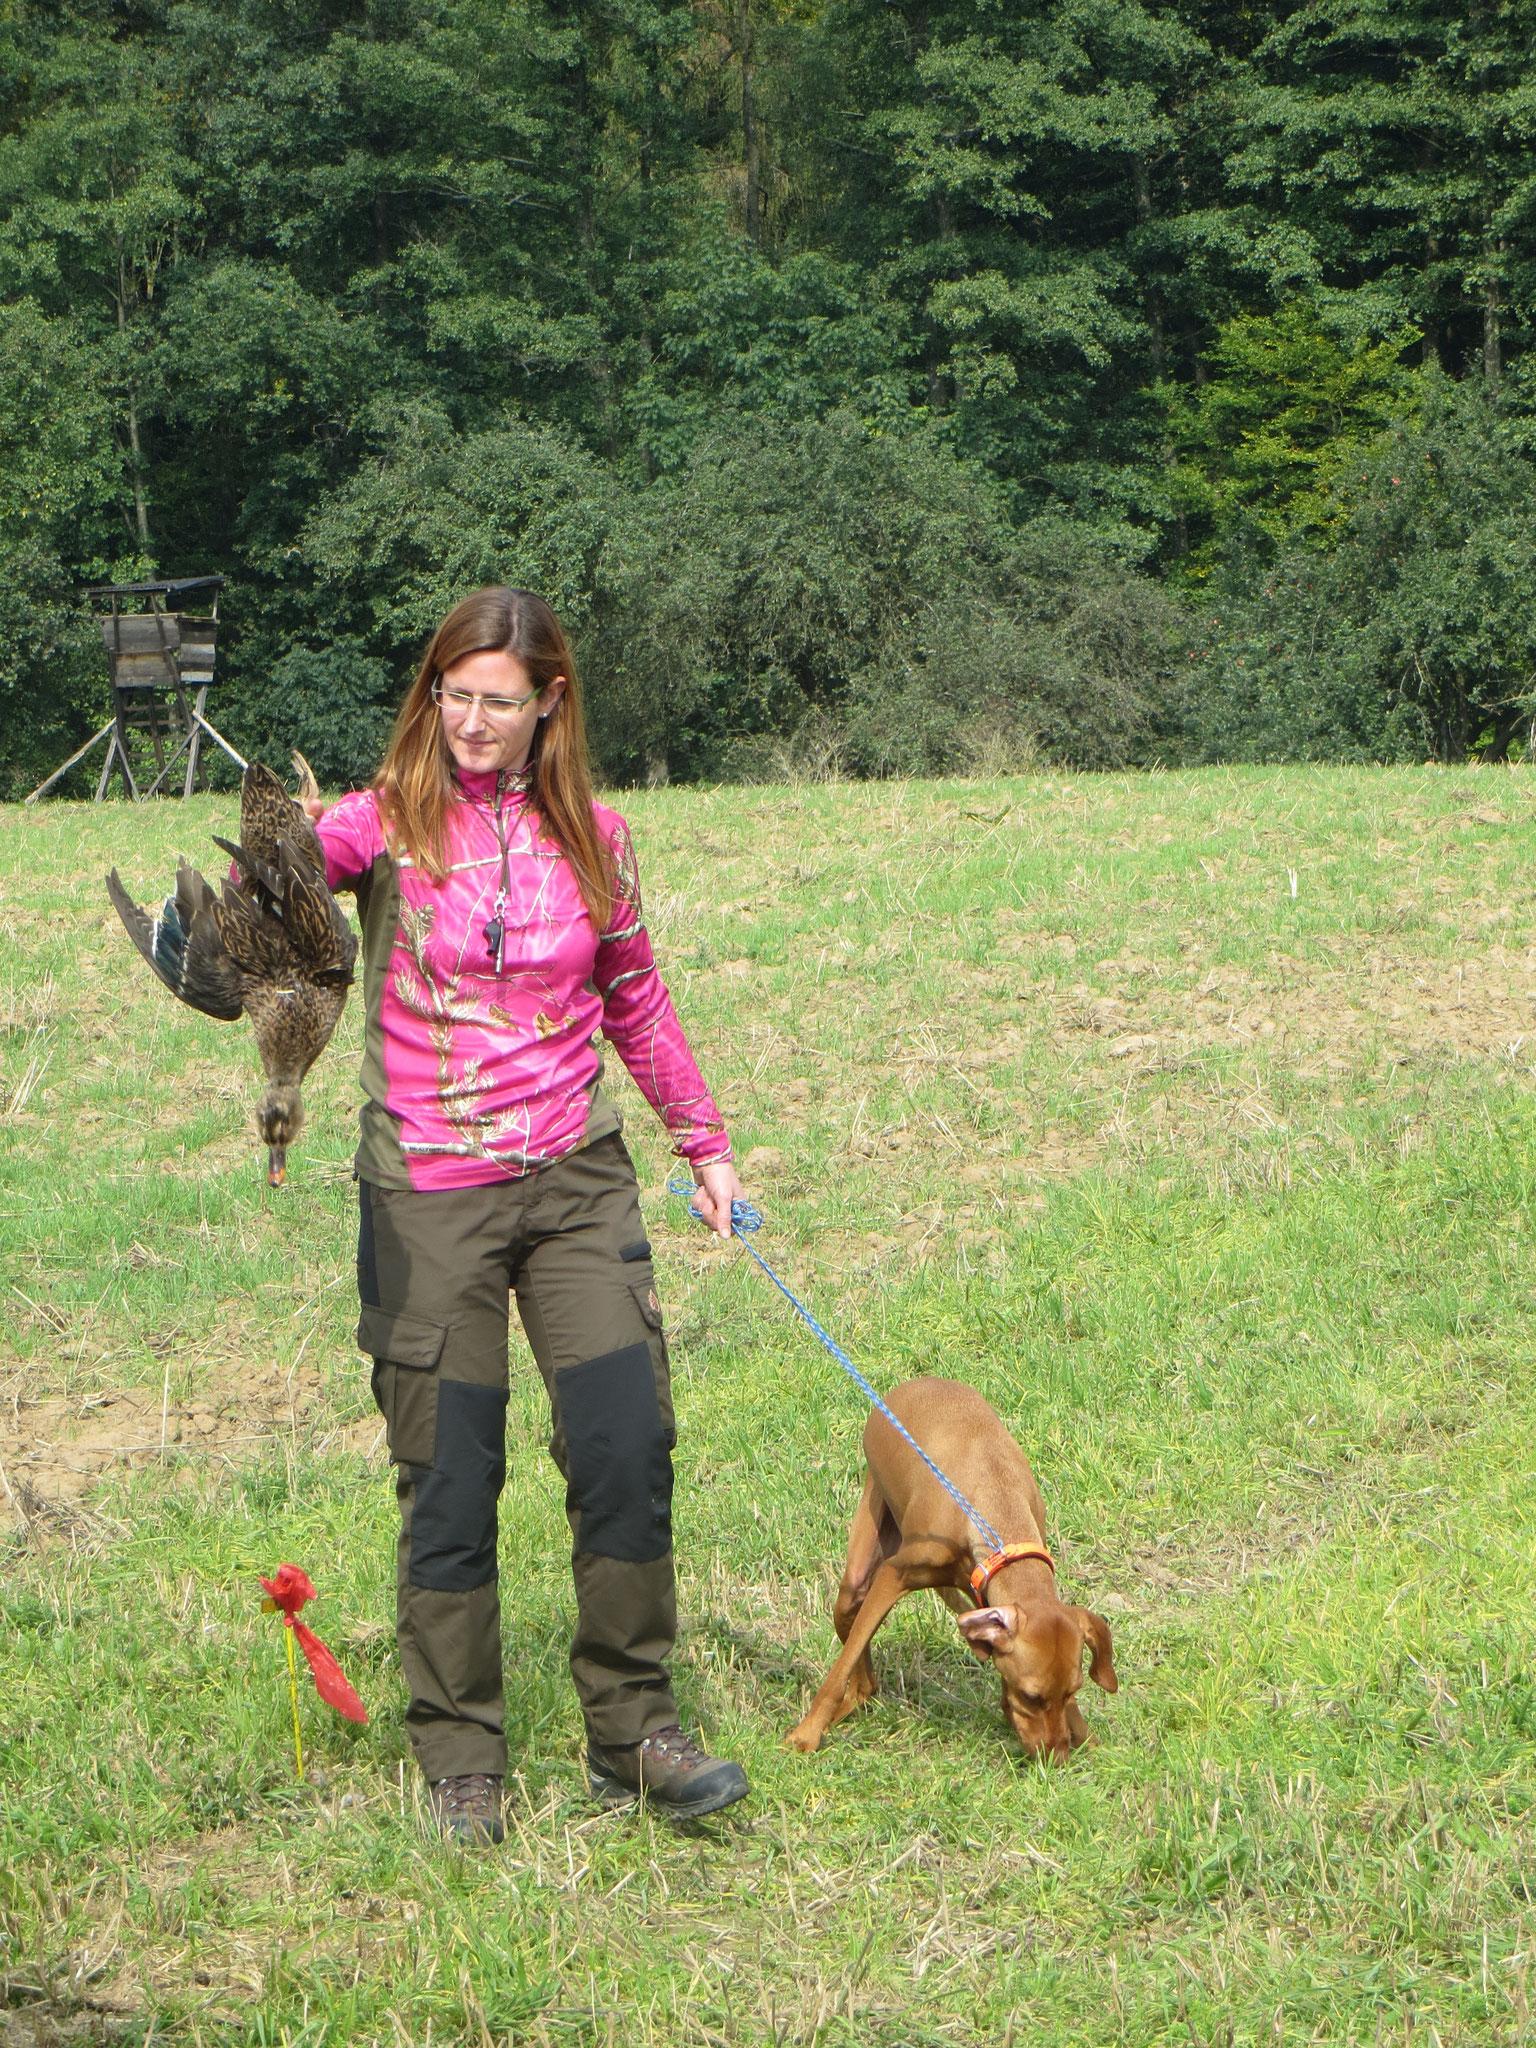 Auch Sandra Rafalzik kommt problemlos in den Besitz der Ente.